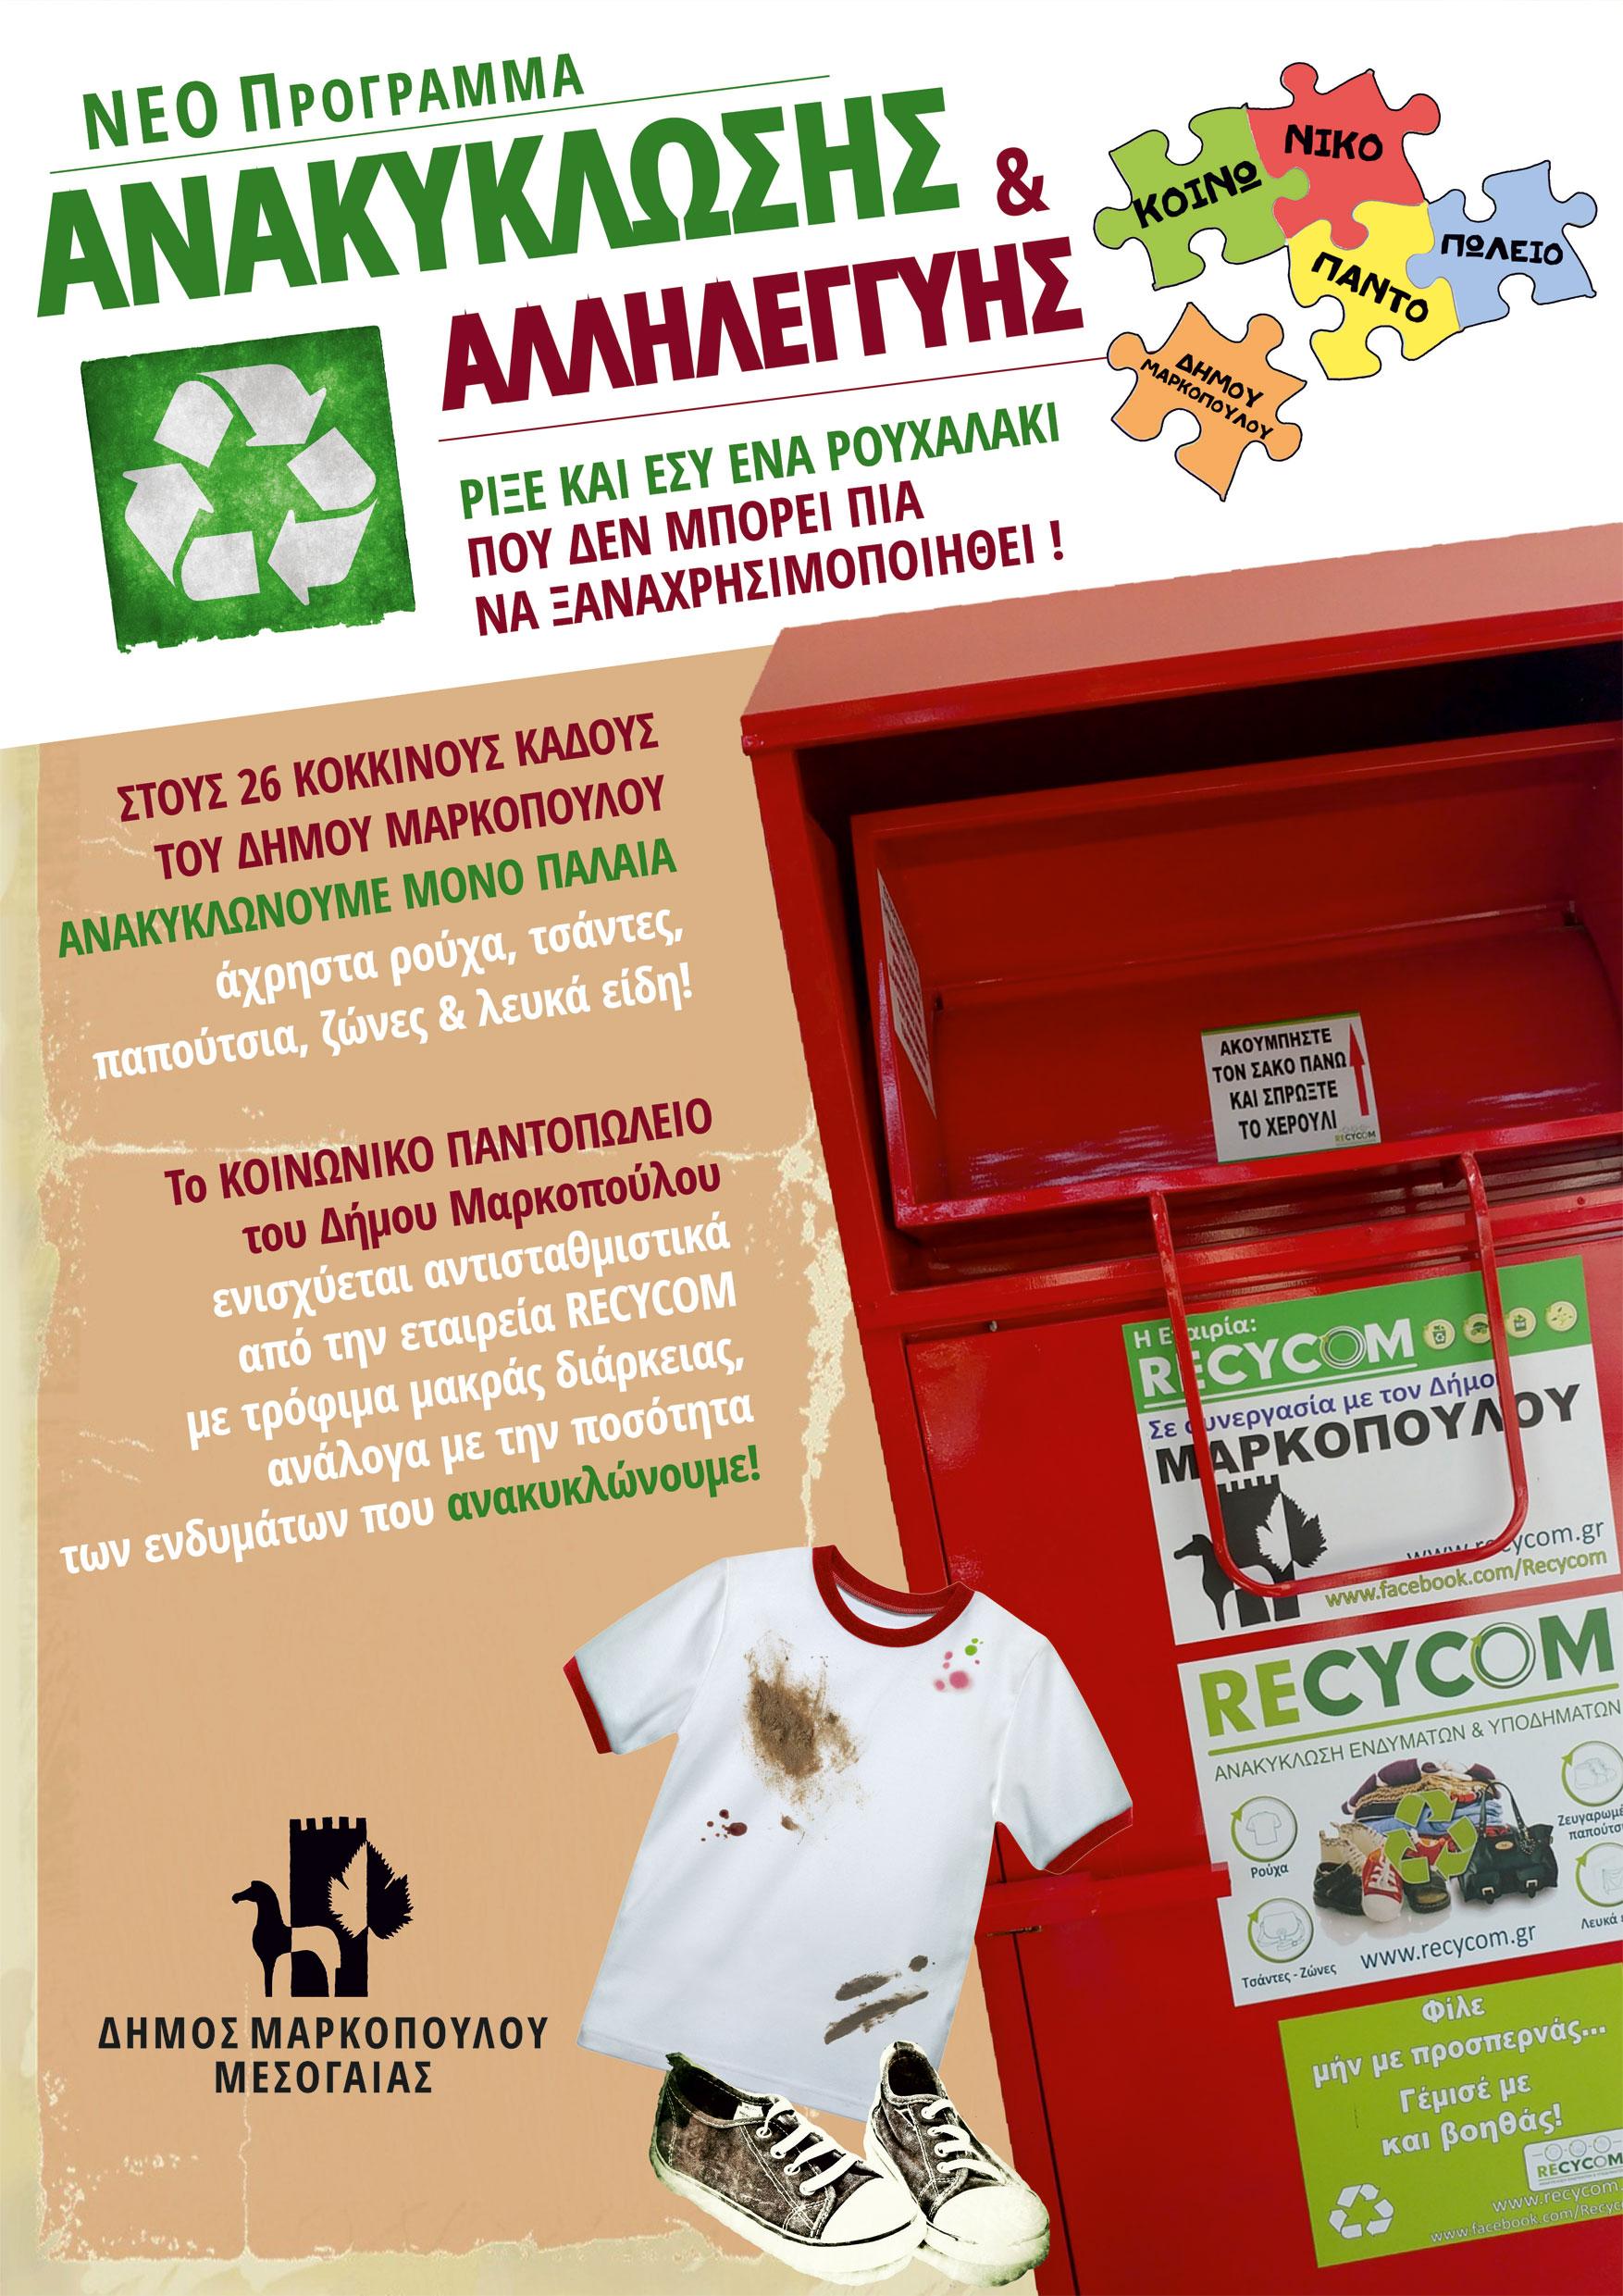 716817cca32 Αποδίδει ήδη _καρπούς_ το νέο Πρόγραμμα Ανακύκλωσης Παλαιών Ρούχων, στους  Κόκκινους Κάδους του Δήμου Μαρκοπούλου